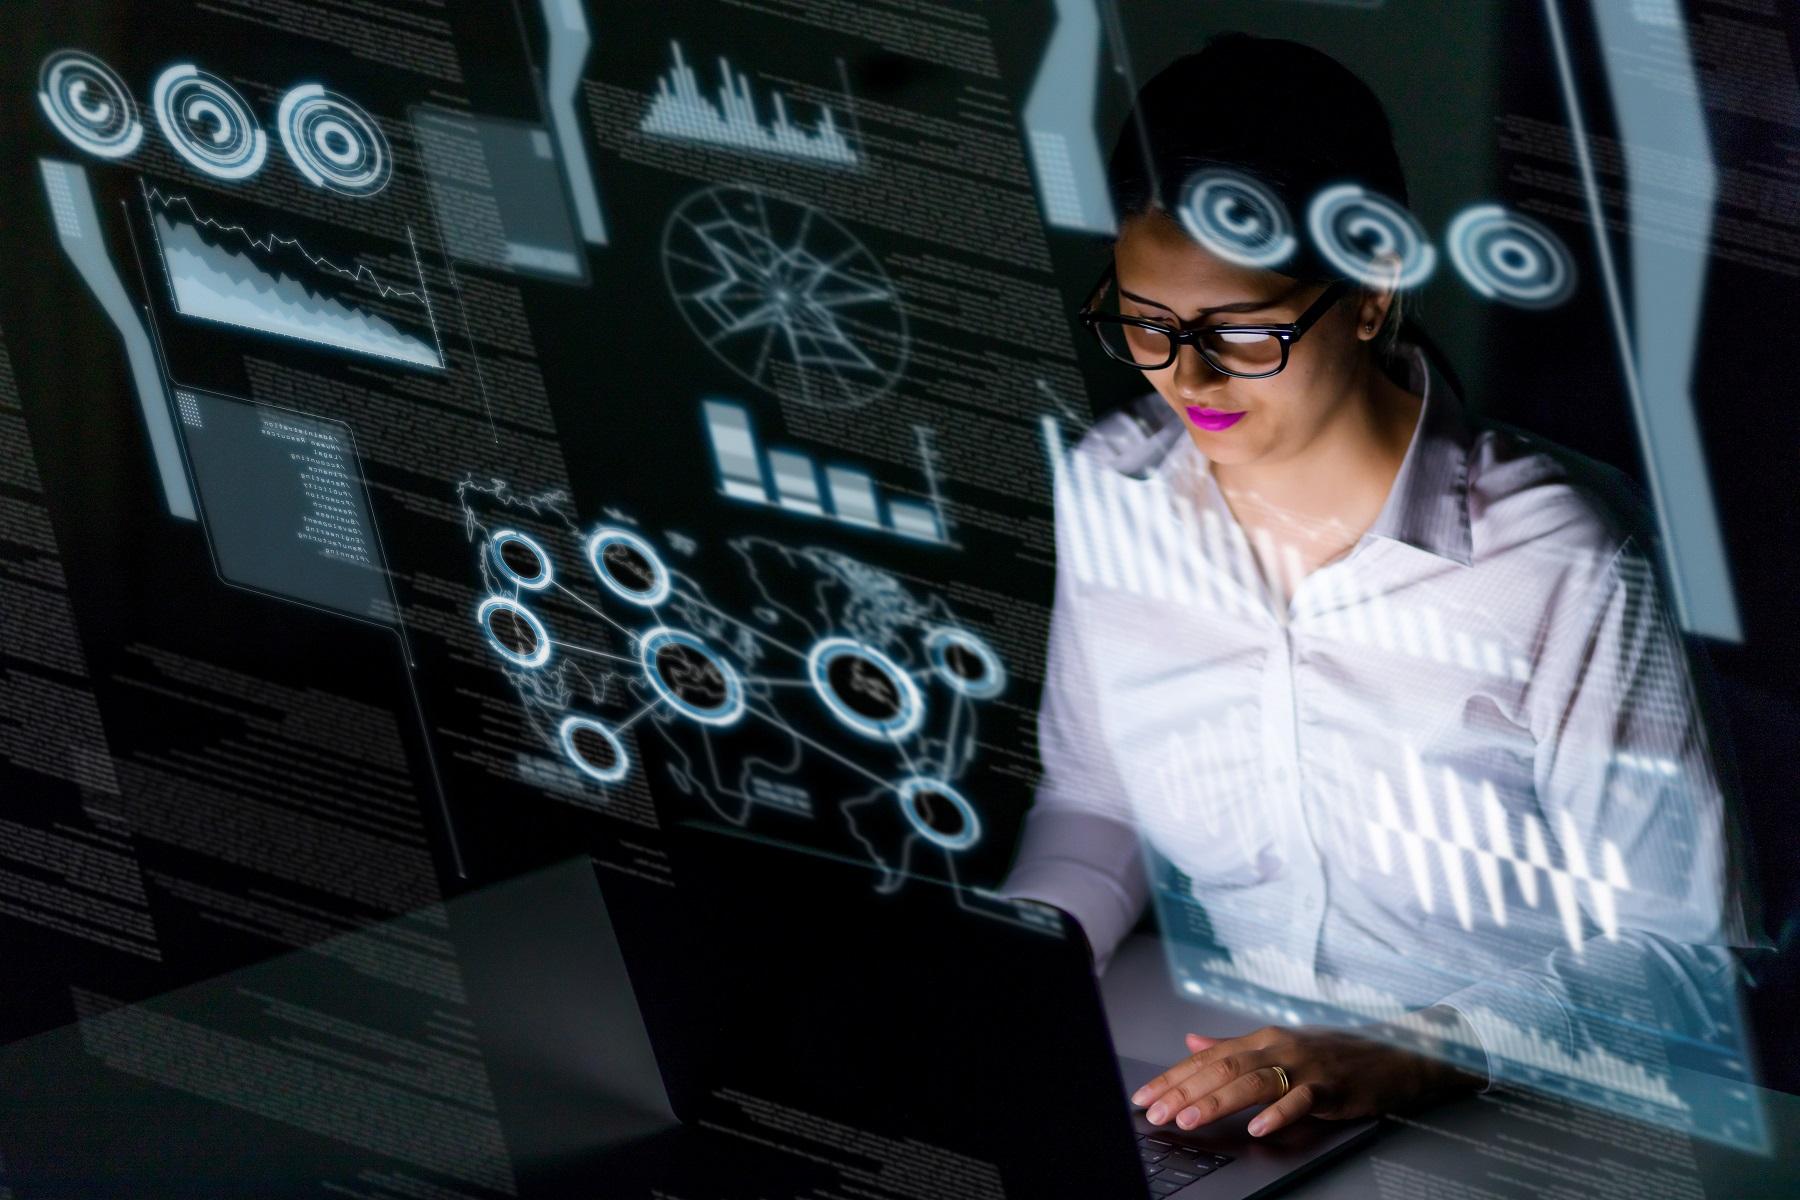 Donne e lavoro, offerta: EY e Work Wide Women cercano 200 diplomate Ict